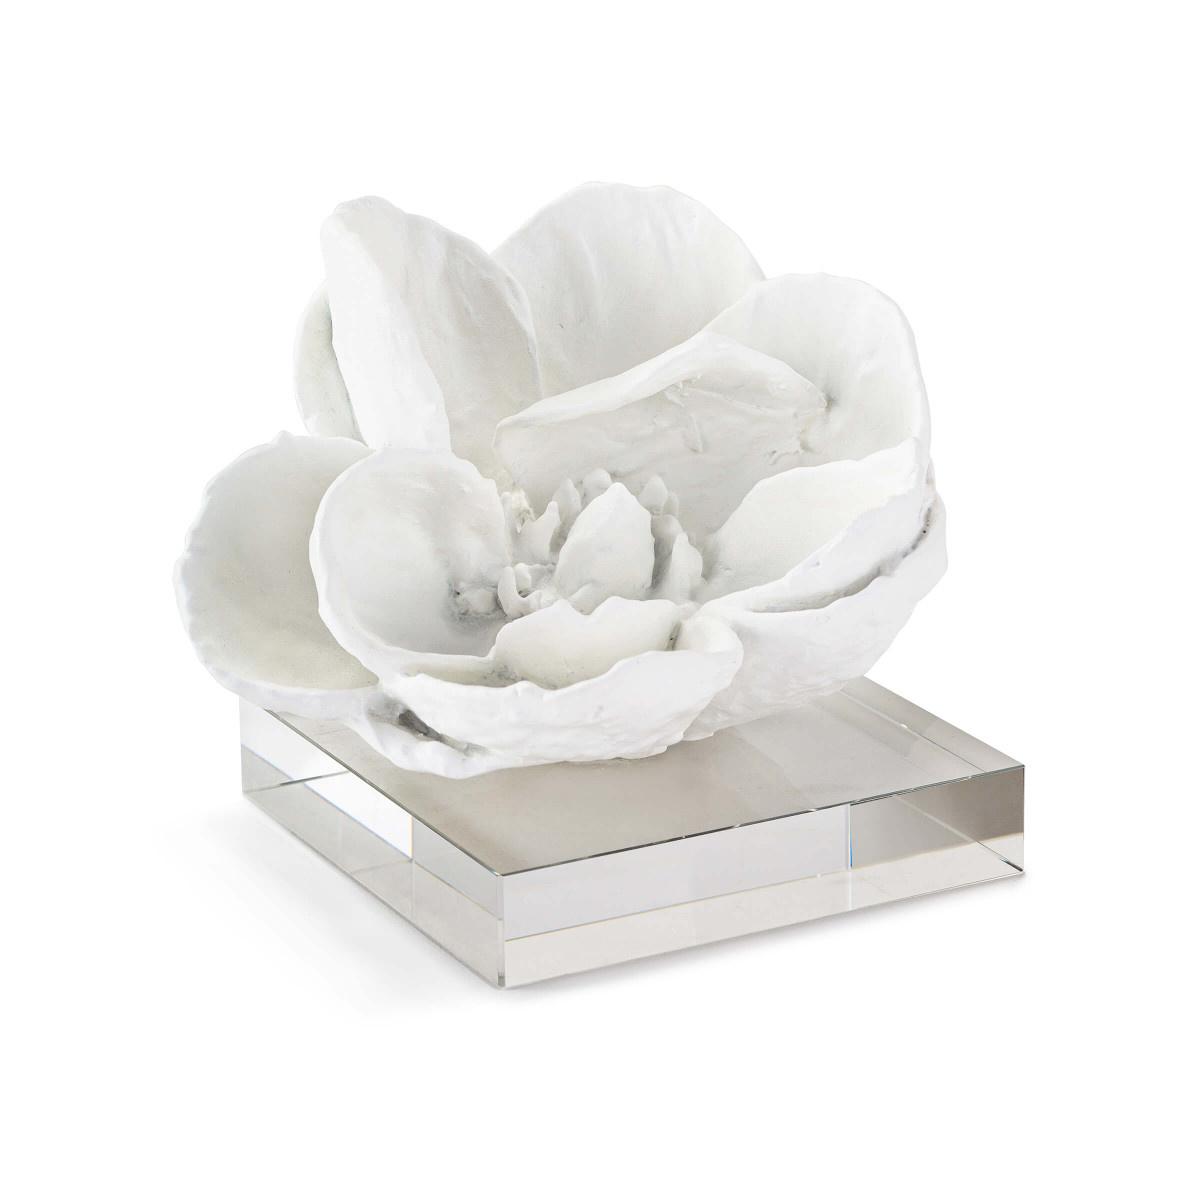 Magnolia Objet-White